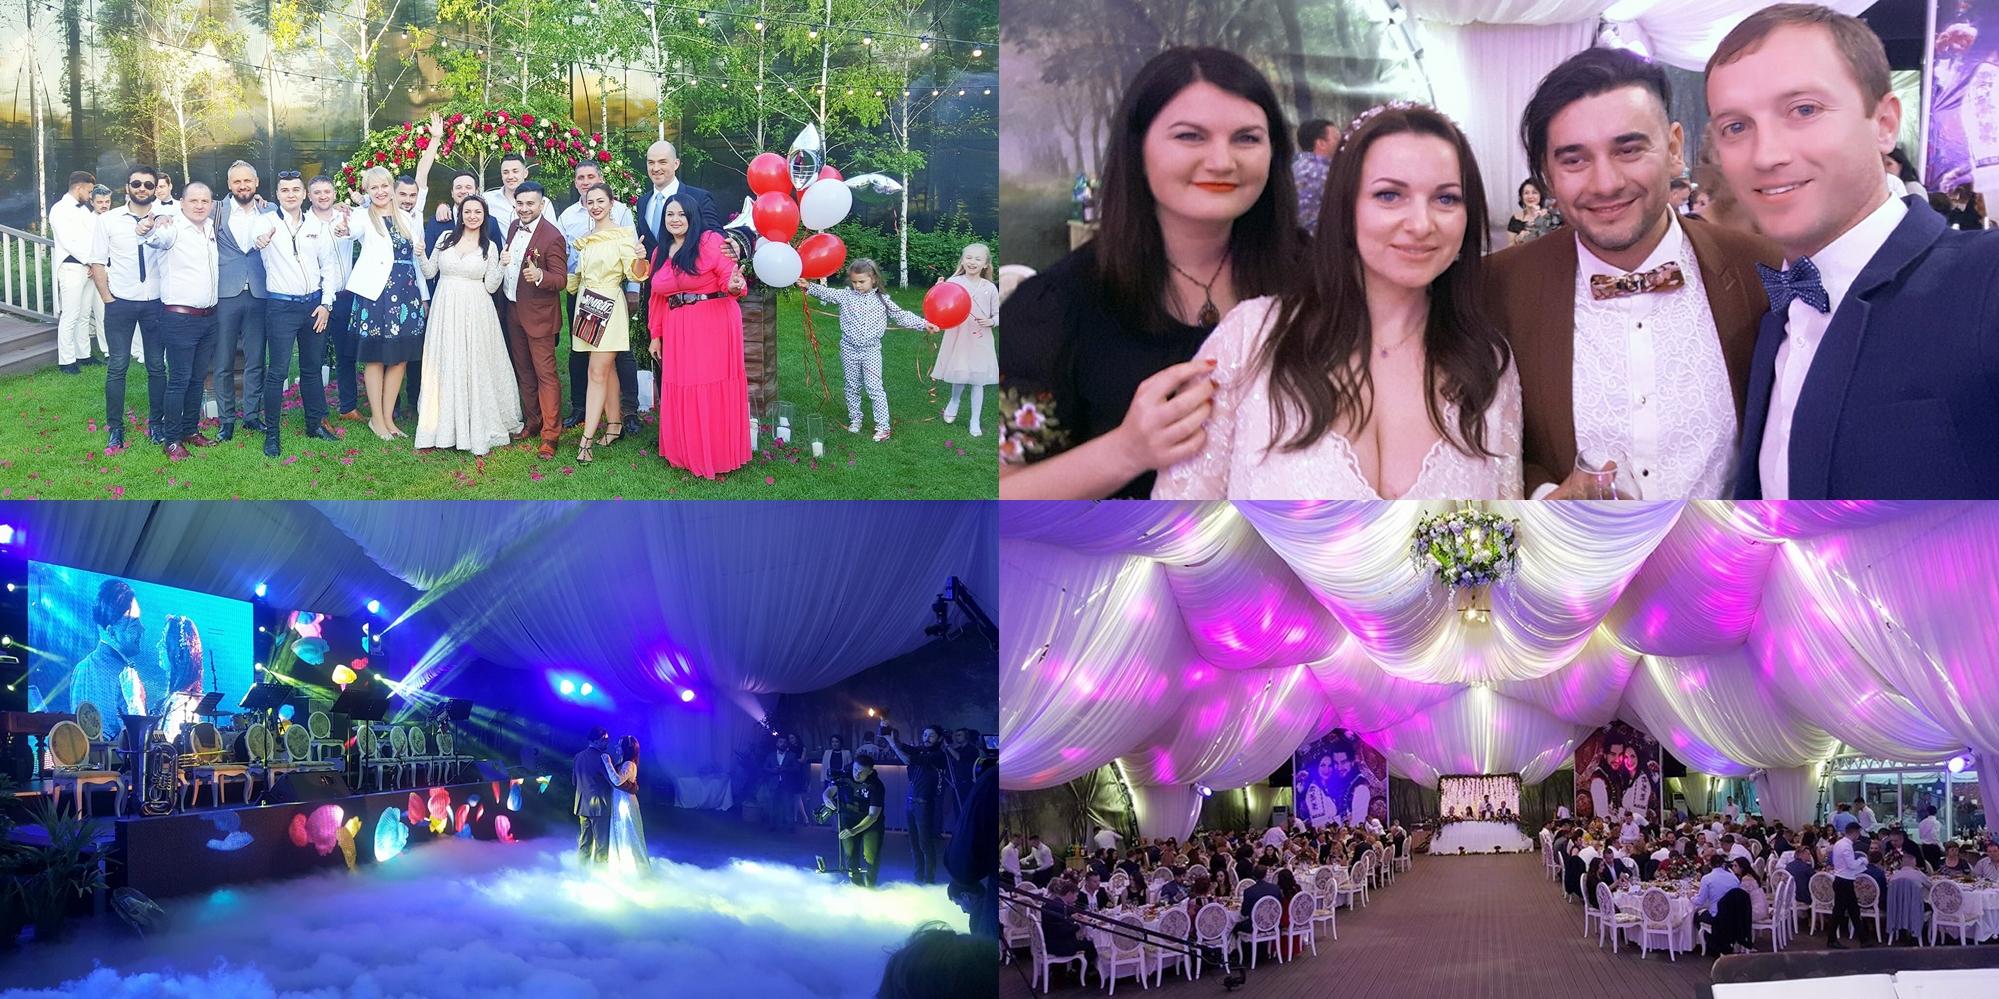 Valentin Uzun S A Recăsătorit Imagini De La Nunta Jucată Ieri în